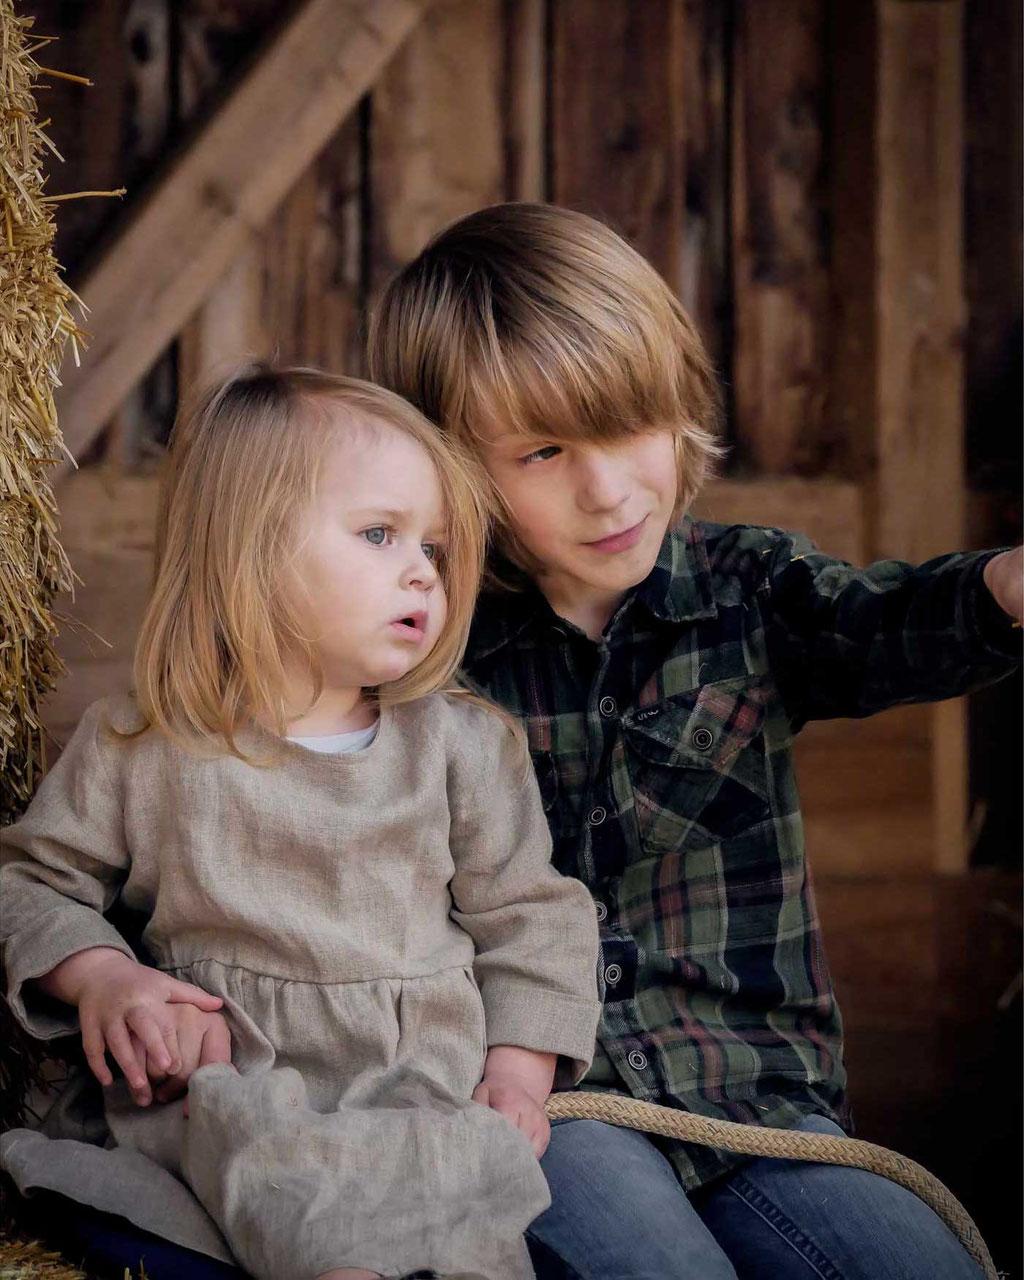 Annette Hofmann Fotografie-Familienfotografin-Pegnitz-fraenkische Schweiz-Portraitbilder-Premiumbilder-Familienfotos-Familienportrait-Geschwisterbild